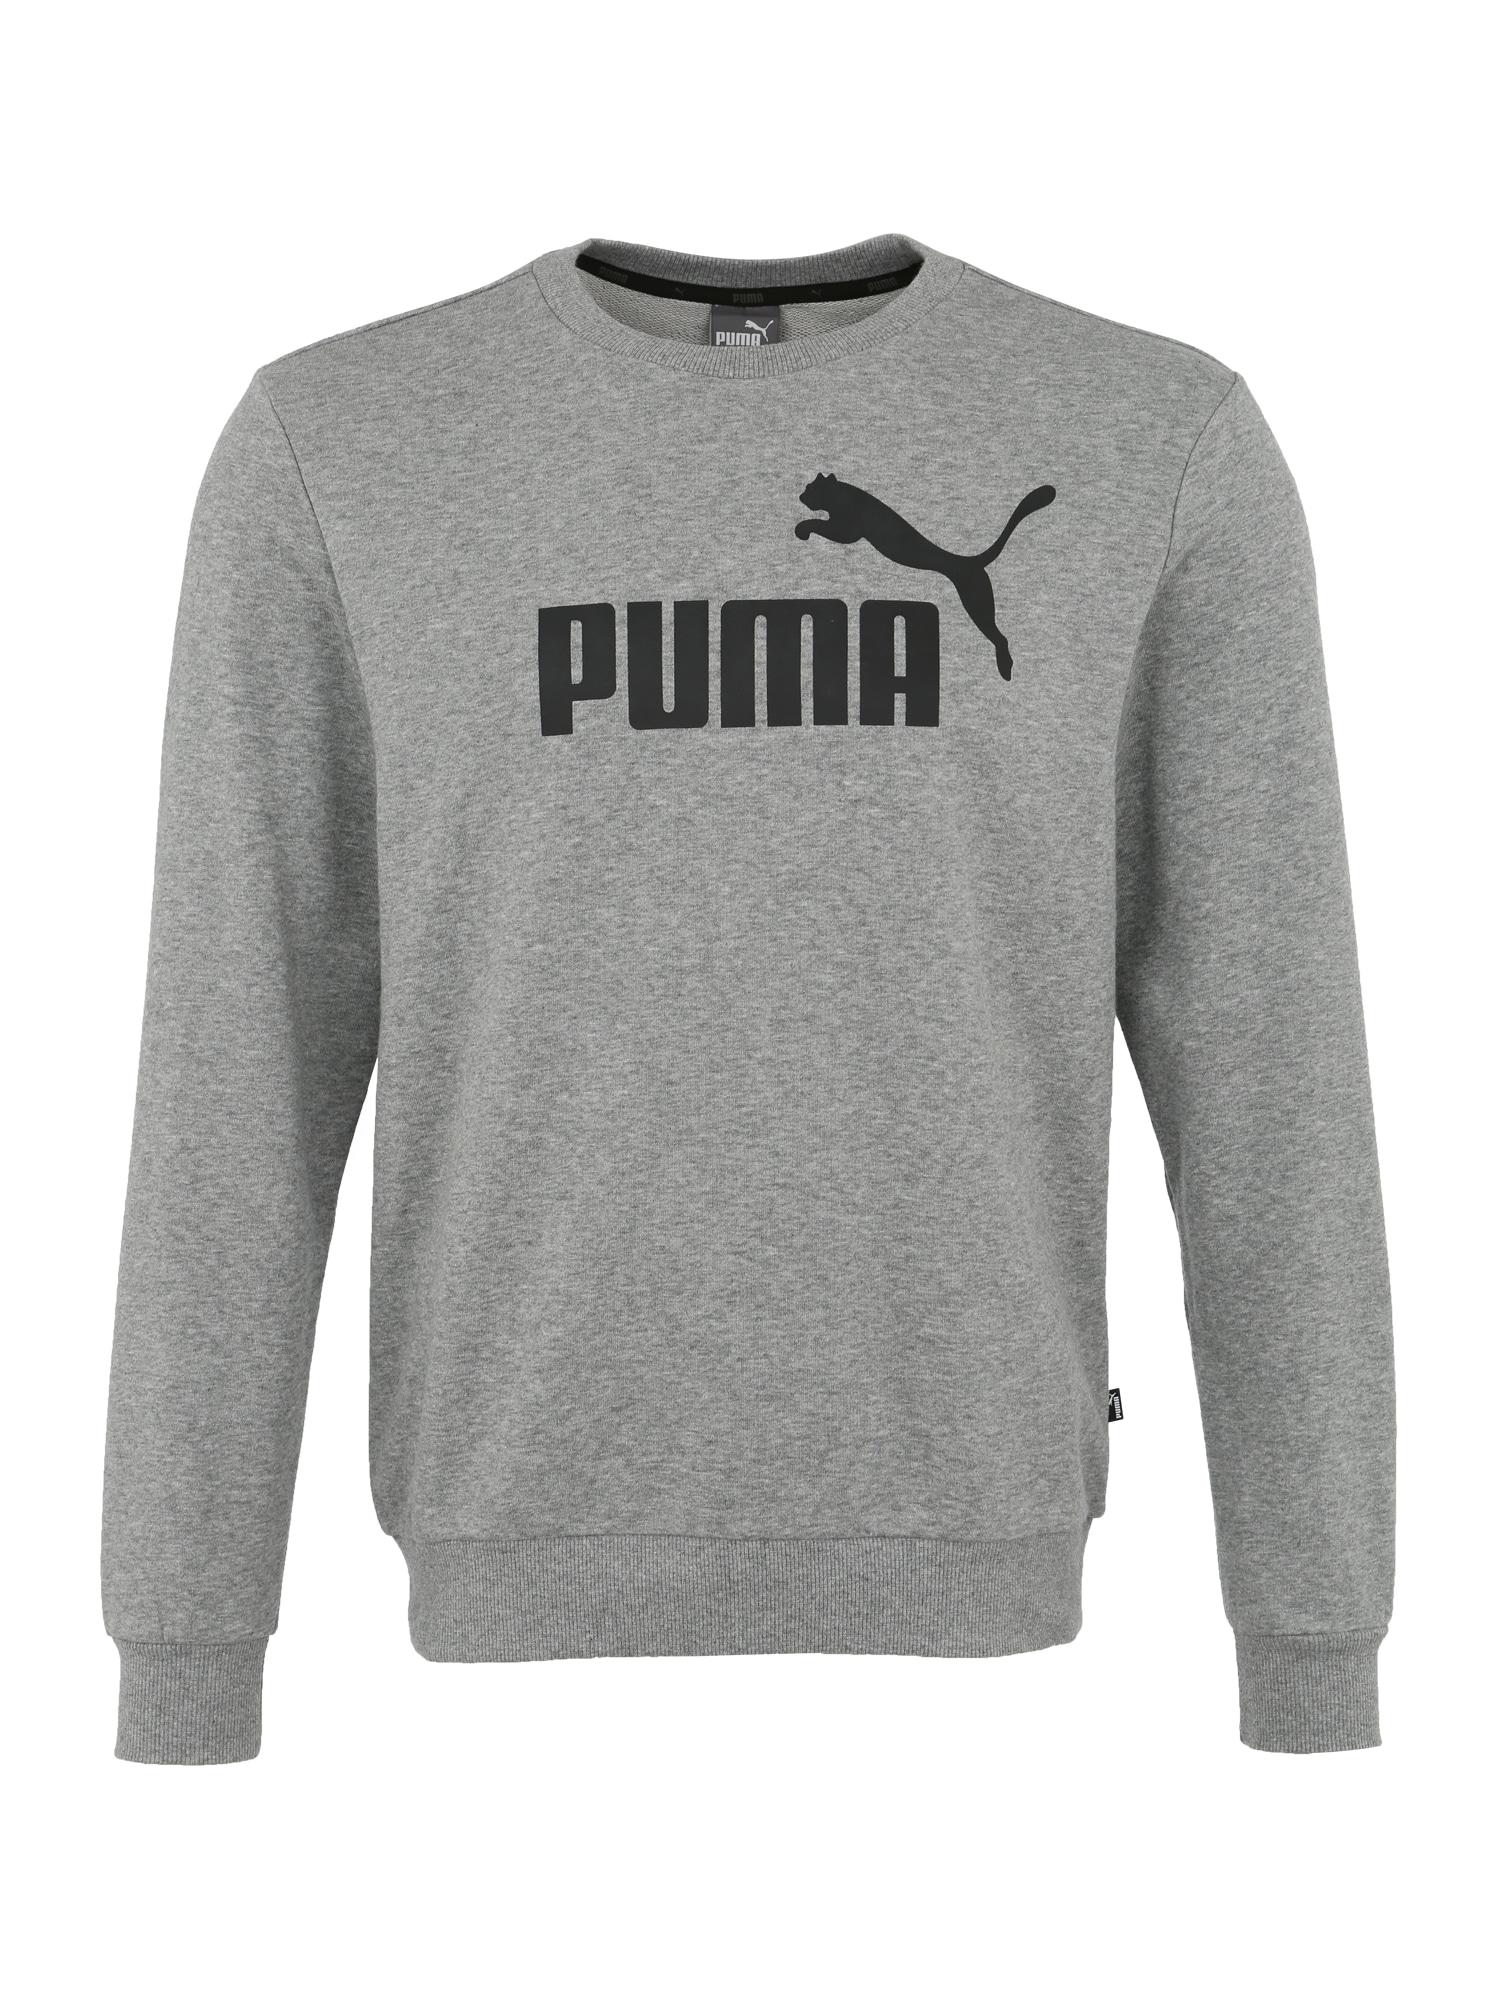 PUMA Sportinio tipo megztinis 'Ess' juoda / pilka